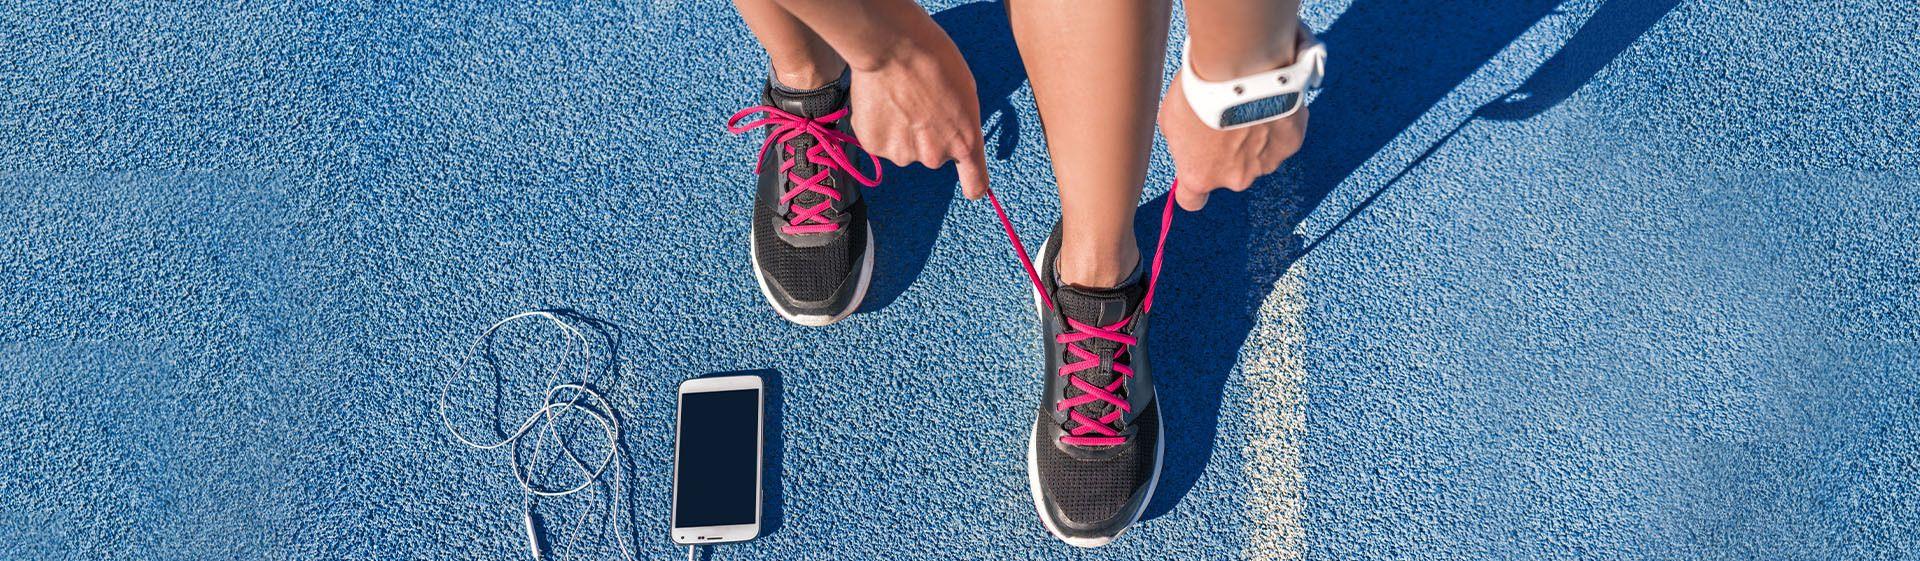 Corrida: tênis, smartwatch, aplicativos e outros itens indispensáveis para correr